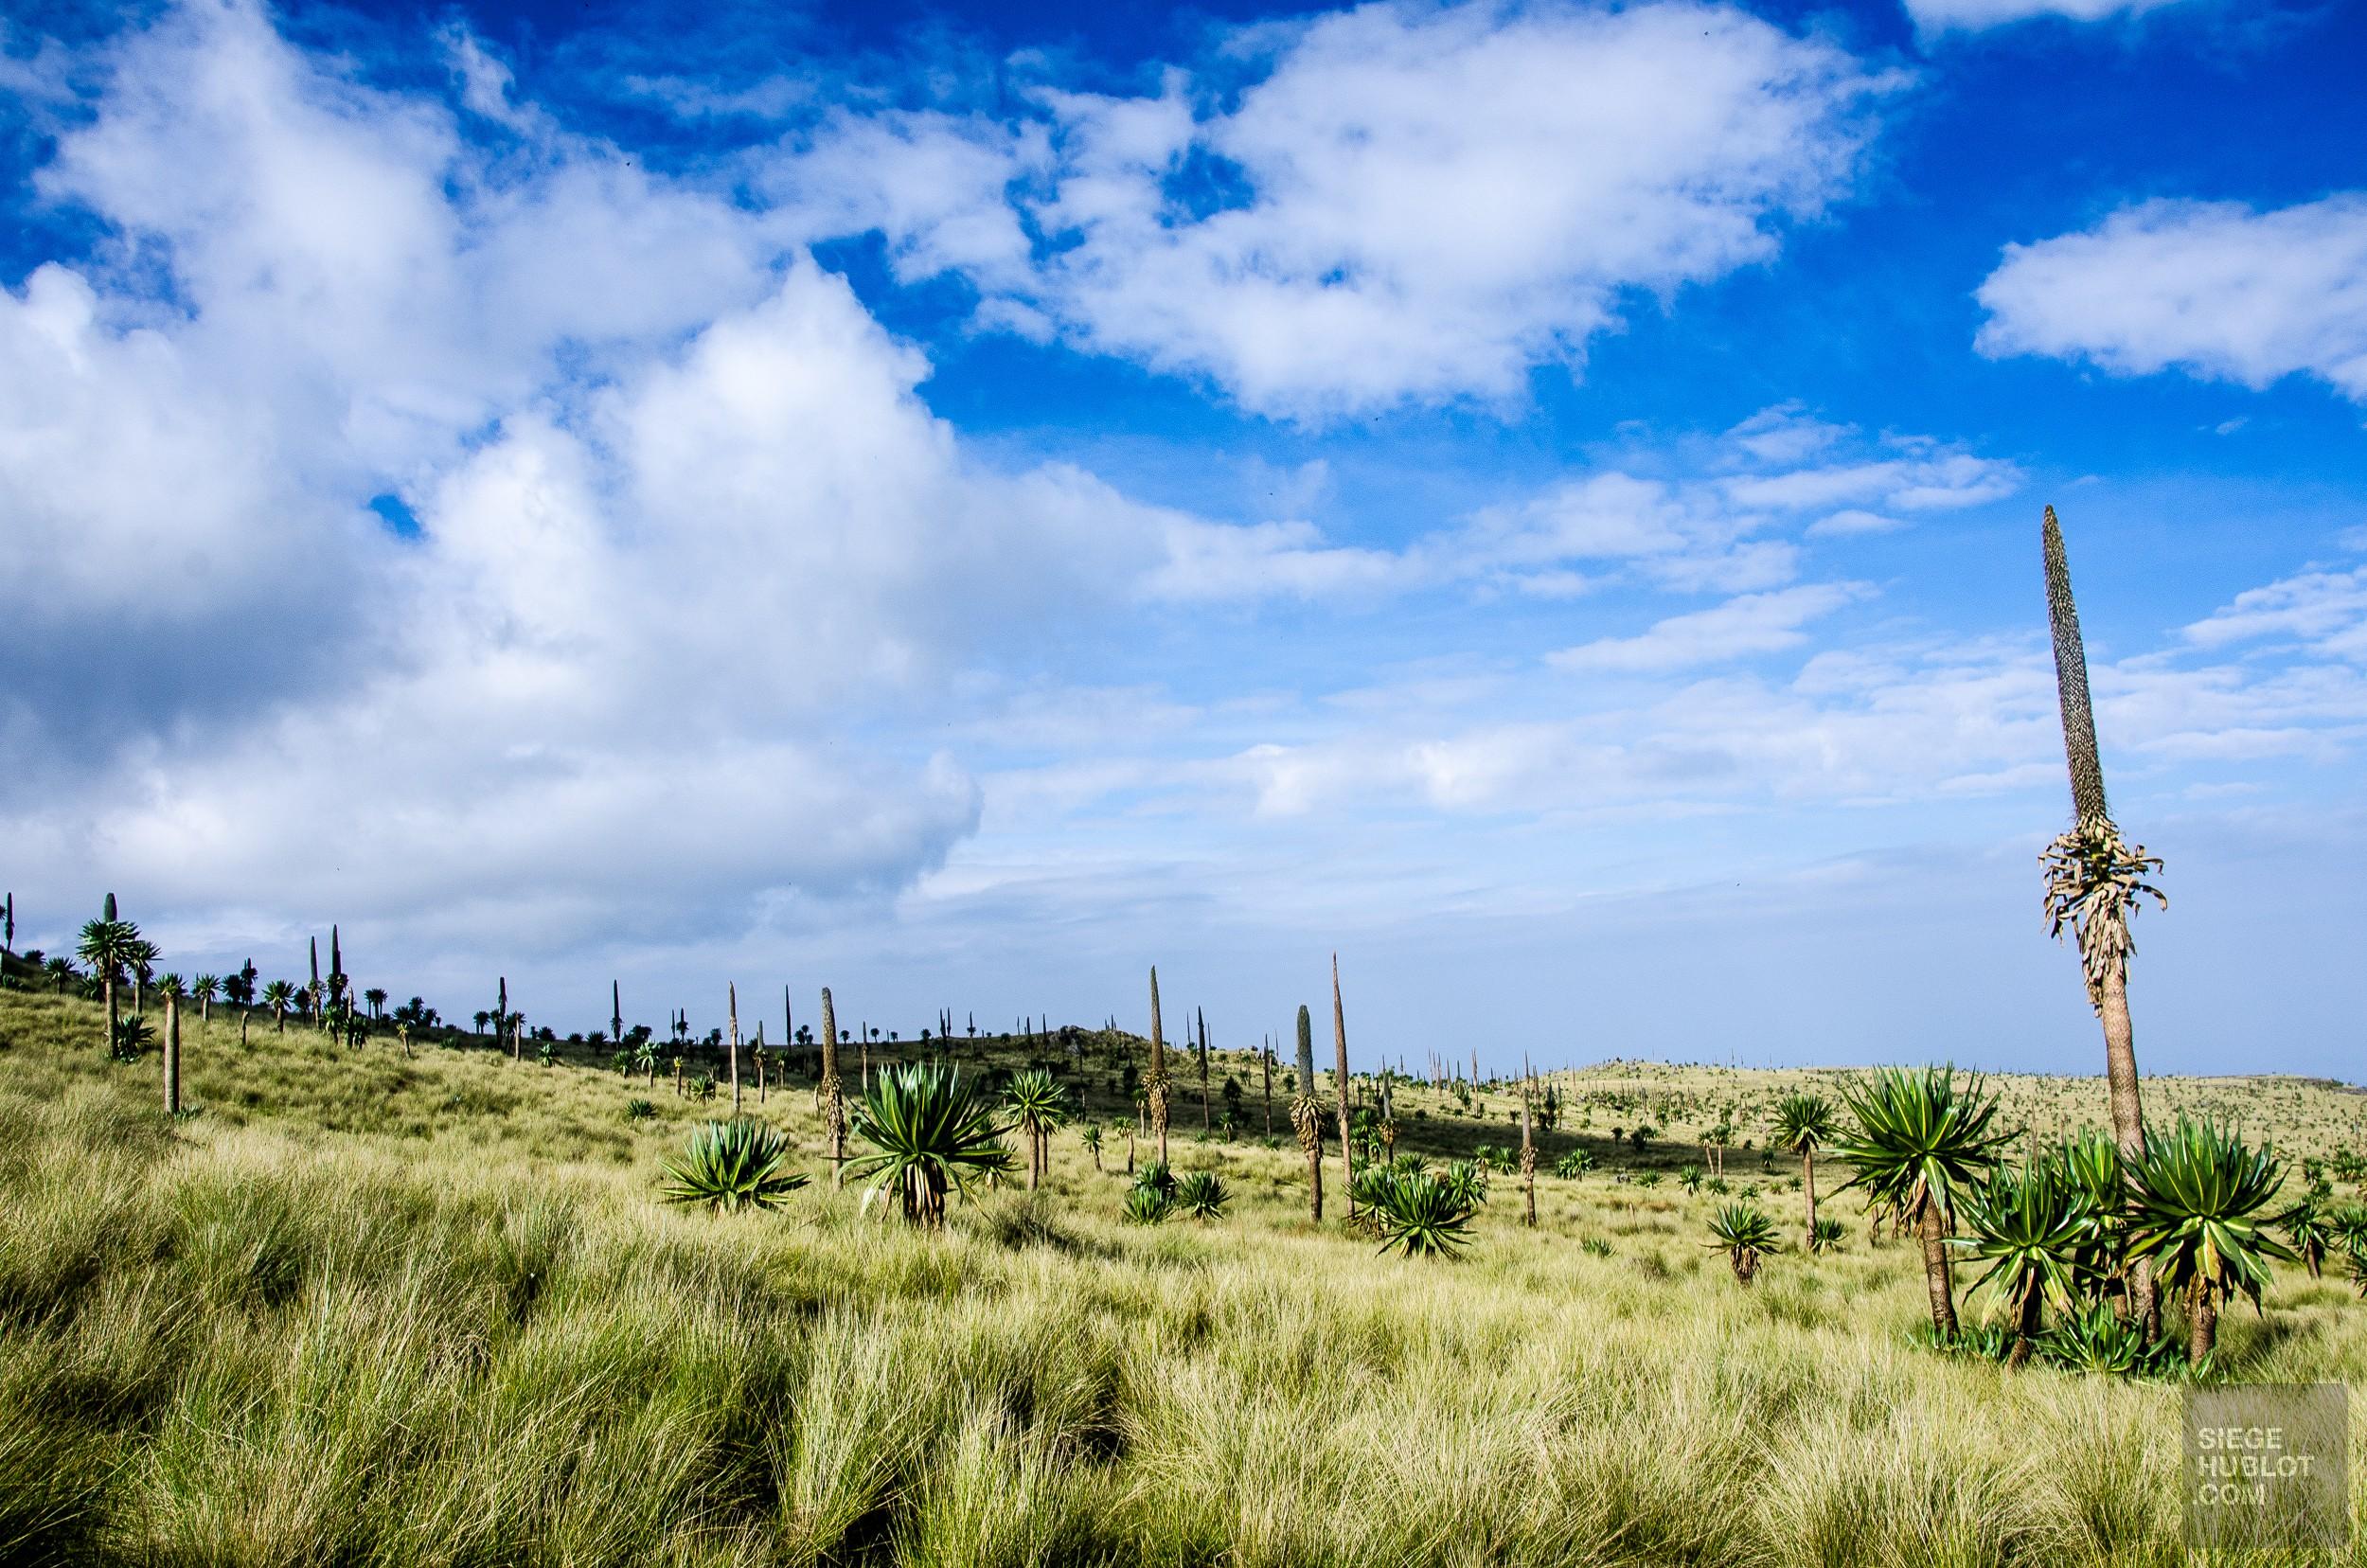 paysage - des babouins dans les nuages monts simien ethiopie - Des babouins dans les nuages Monts Simien Ethiopie - afrique, ethiopie